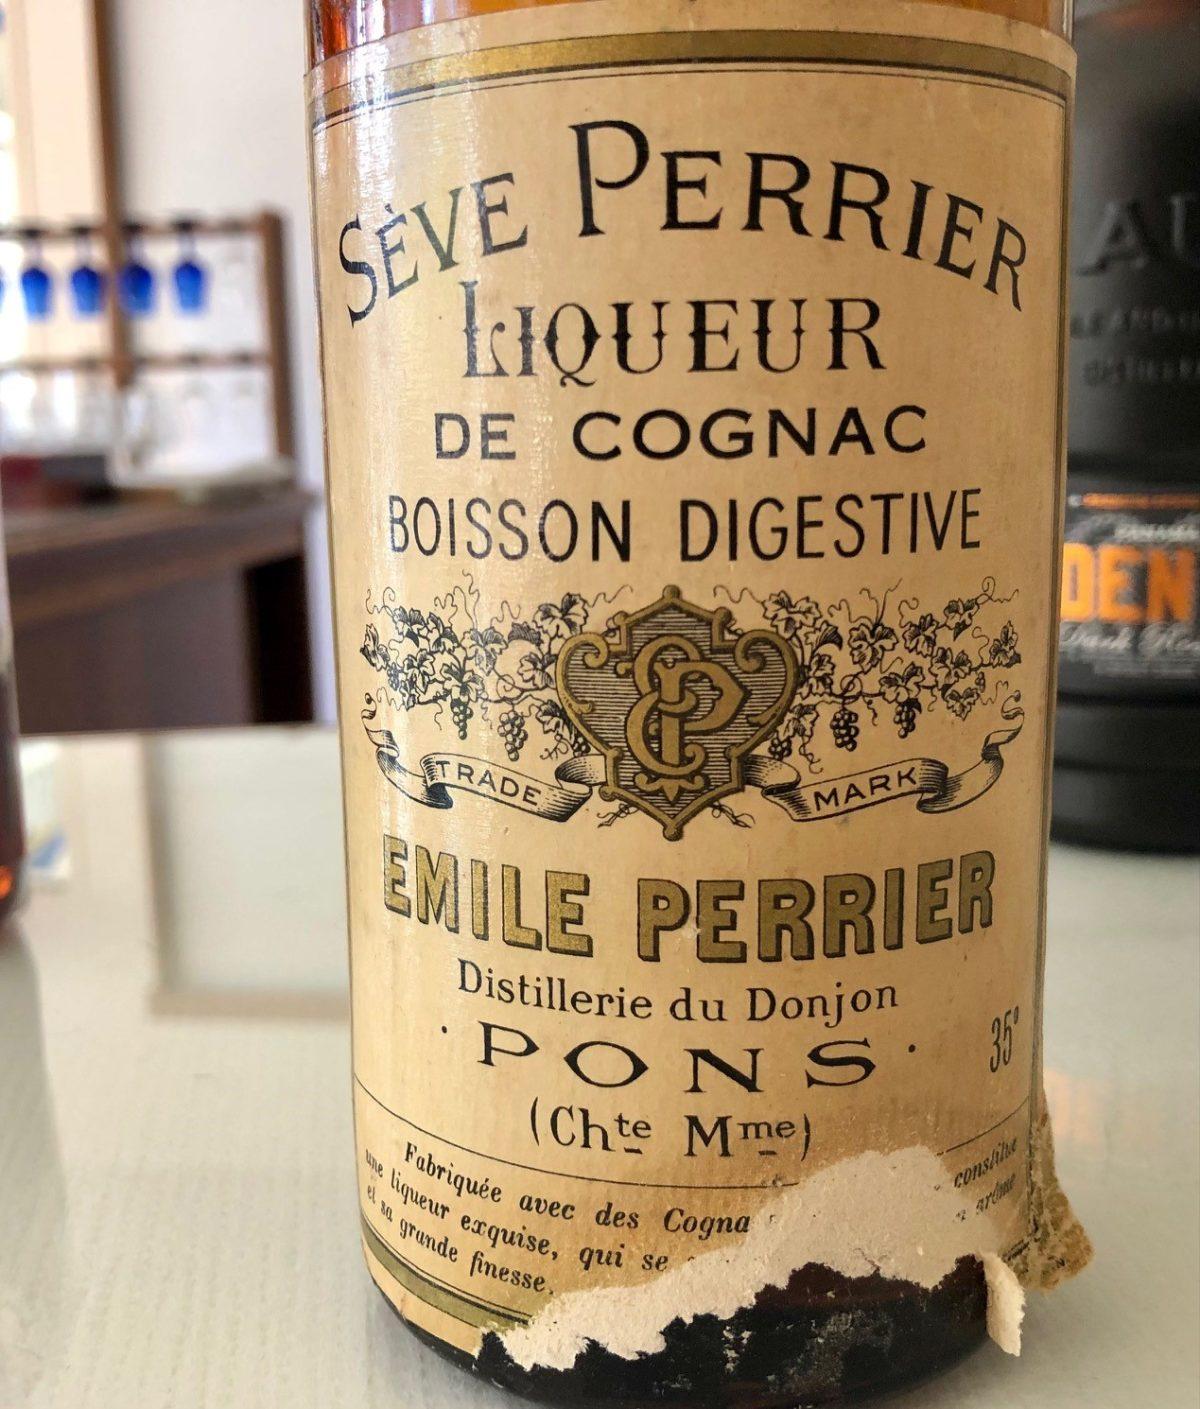 étiquette Emile Perrier